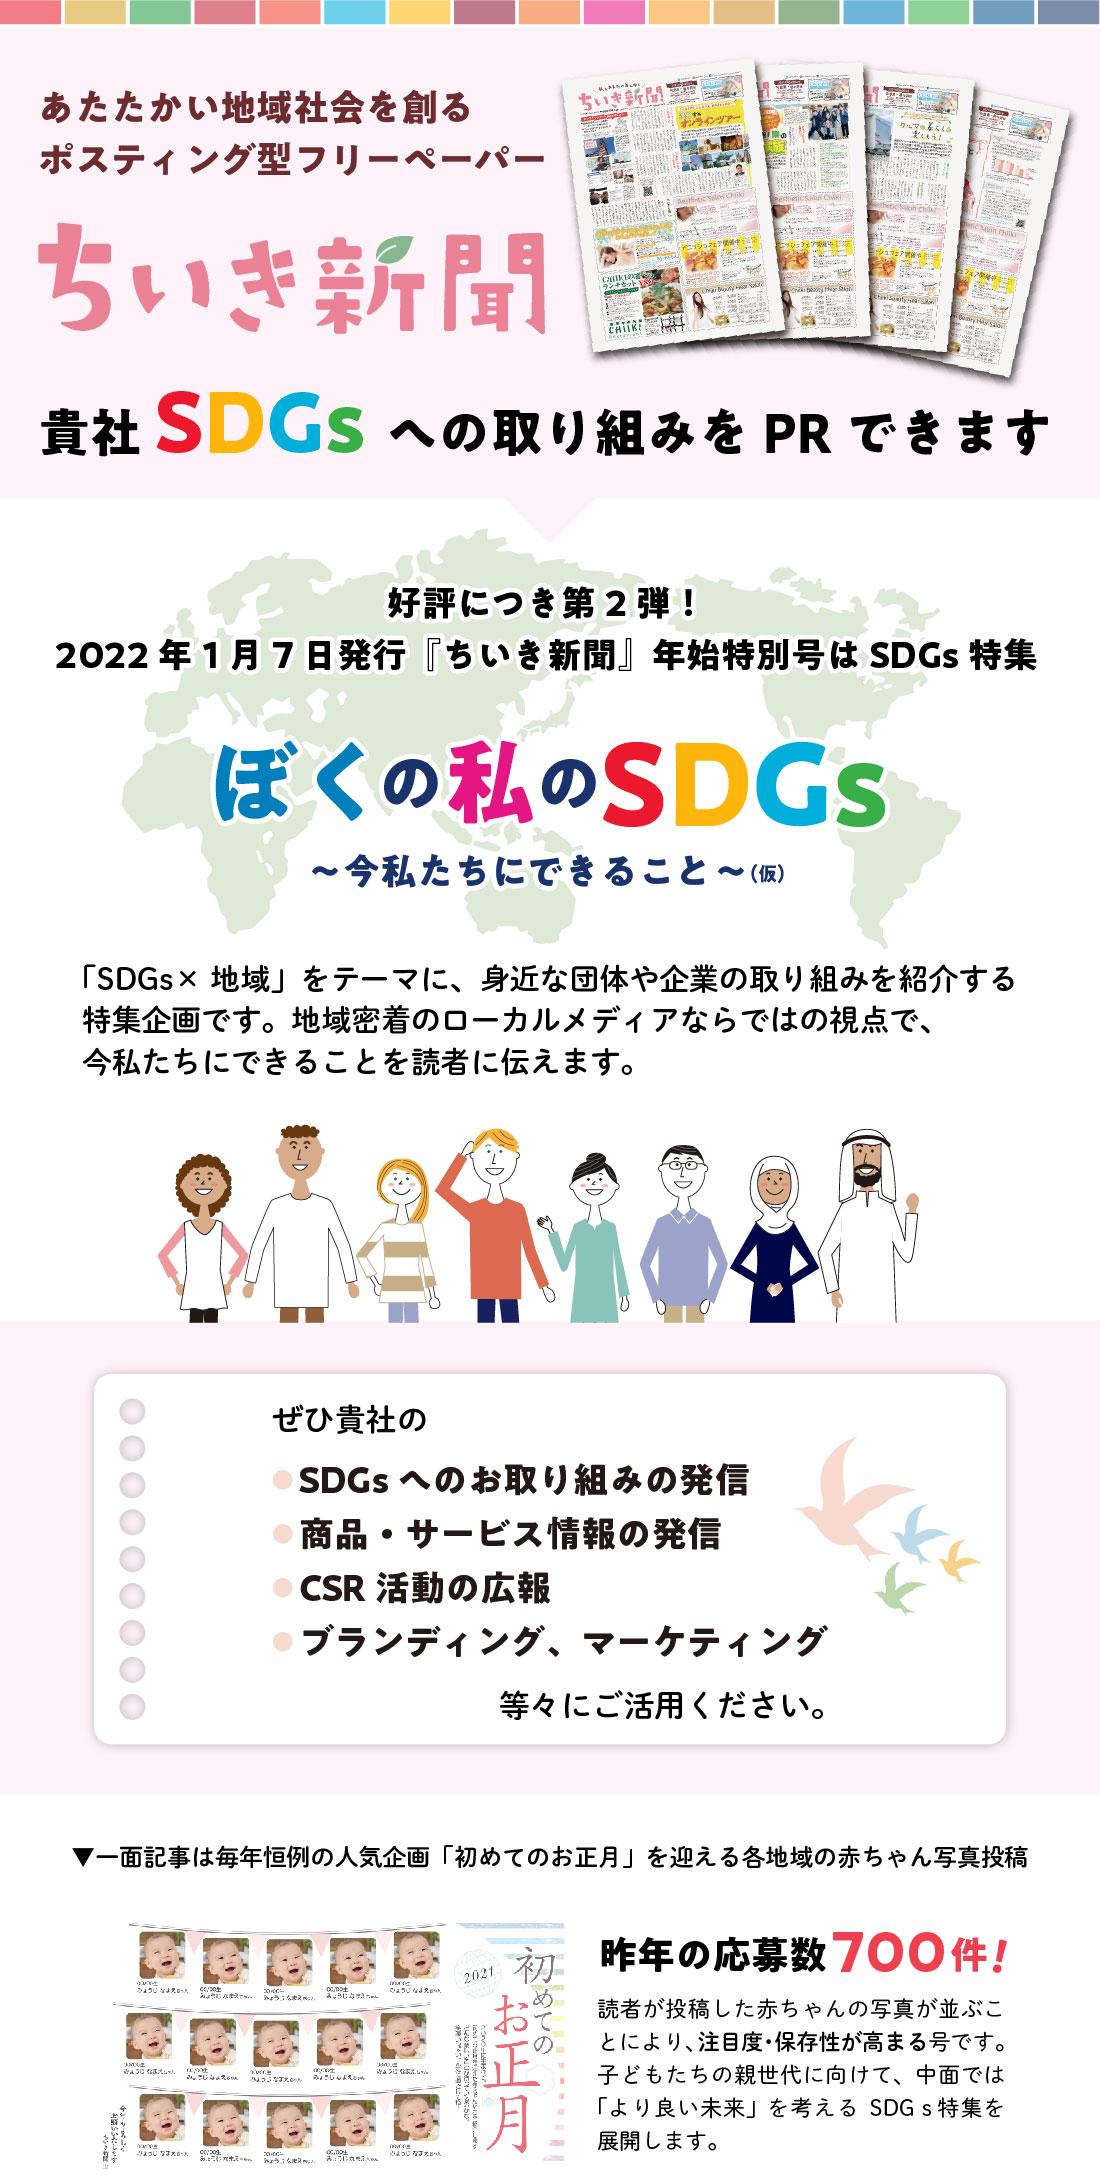 2022年1月7日発行 SDGs 貴社のSDGsへの取り組みやマーケティング等々にご活用ください